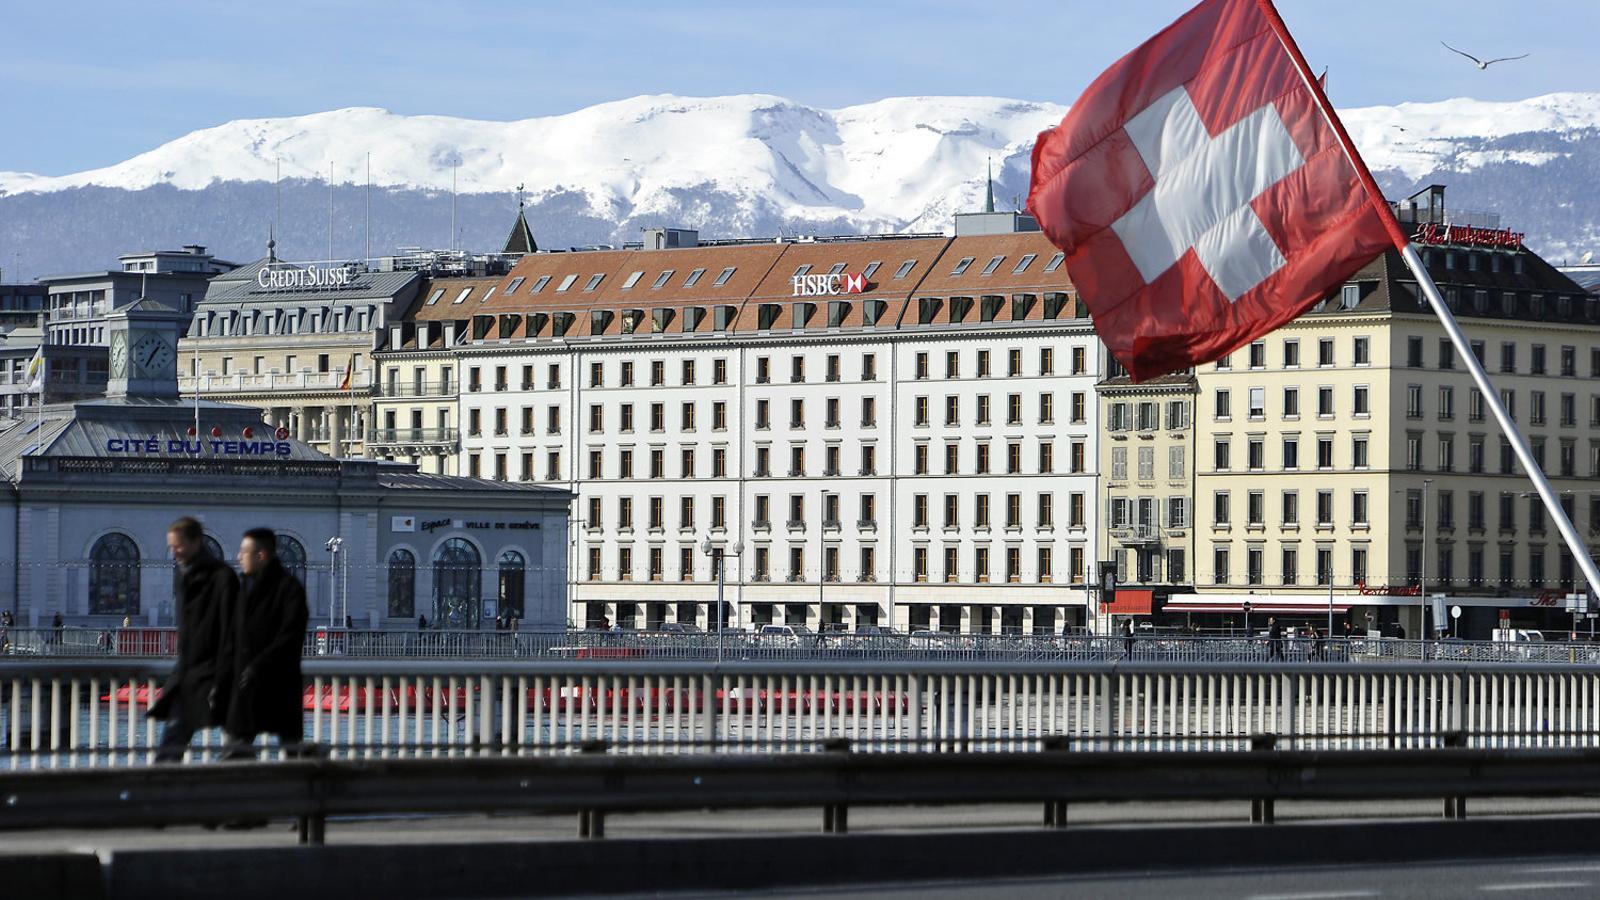 Seu suïssa del banc HSBC, des d'on l'entitat va ajudar a defraudar la Hisenda francesa, amb la qual ara ha arribat a un acord.